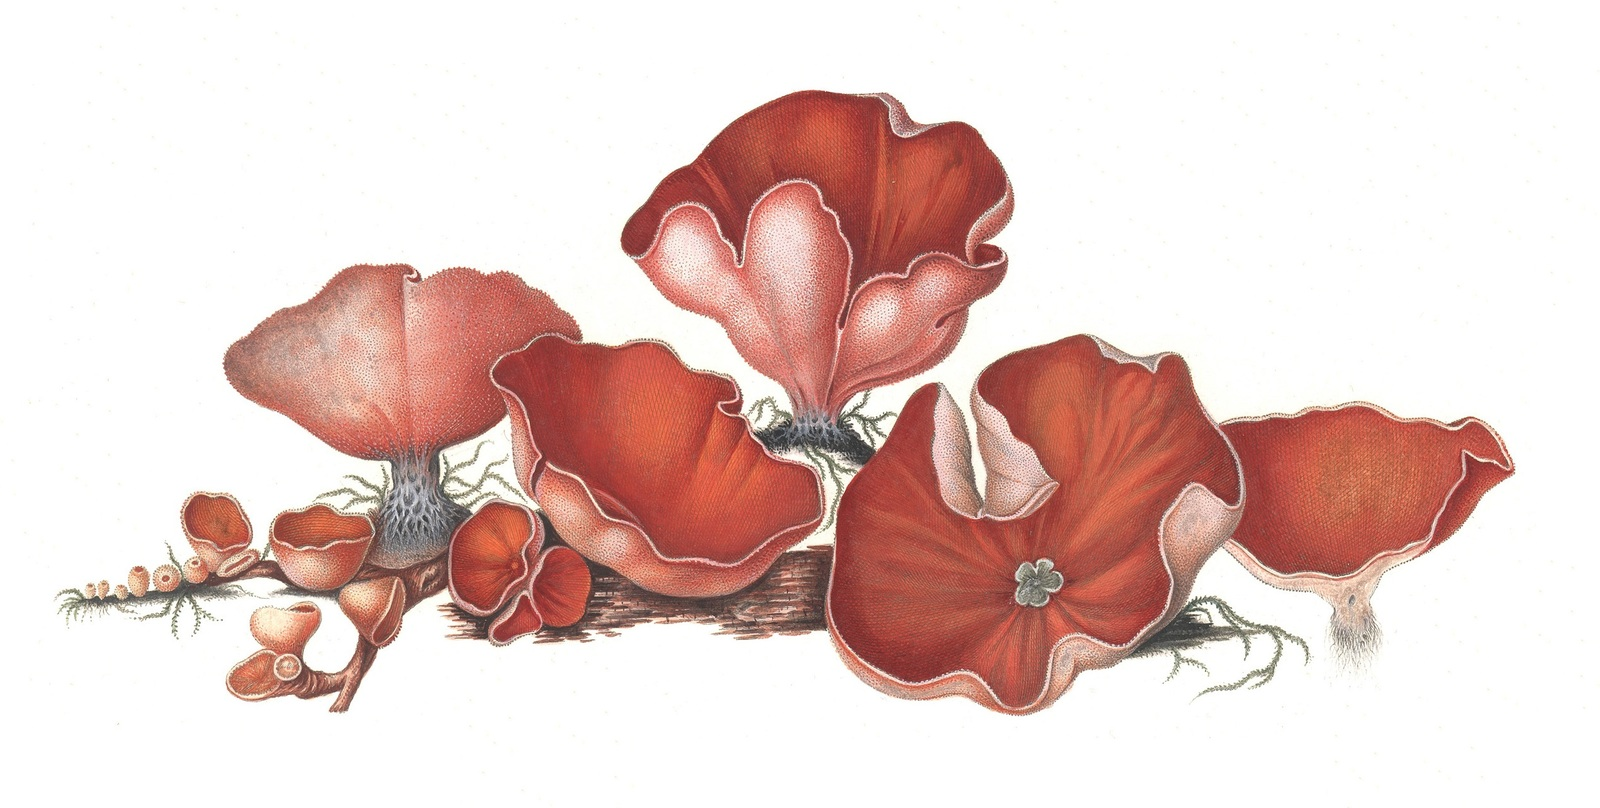 Peziza dichroa (Aleuria aurantia)